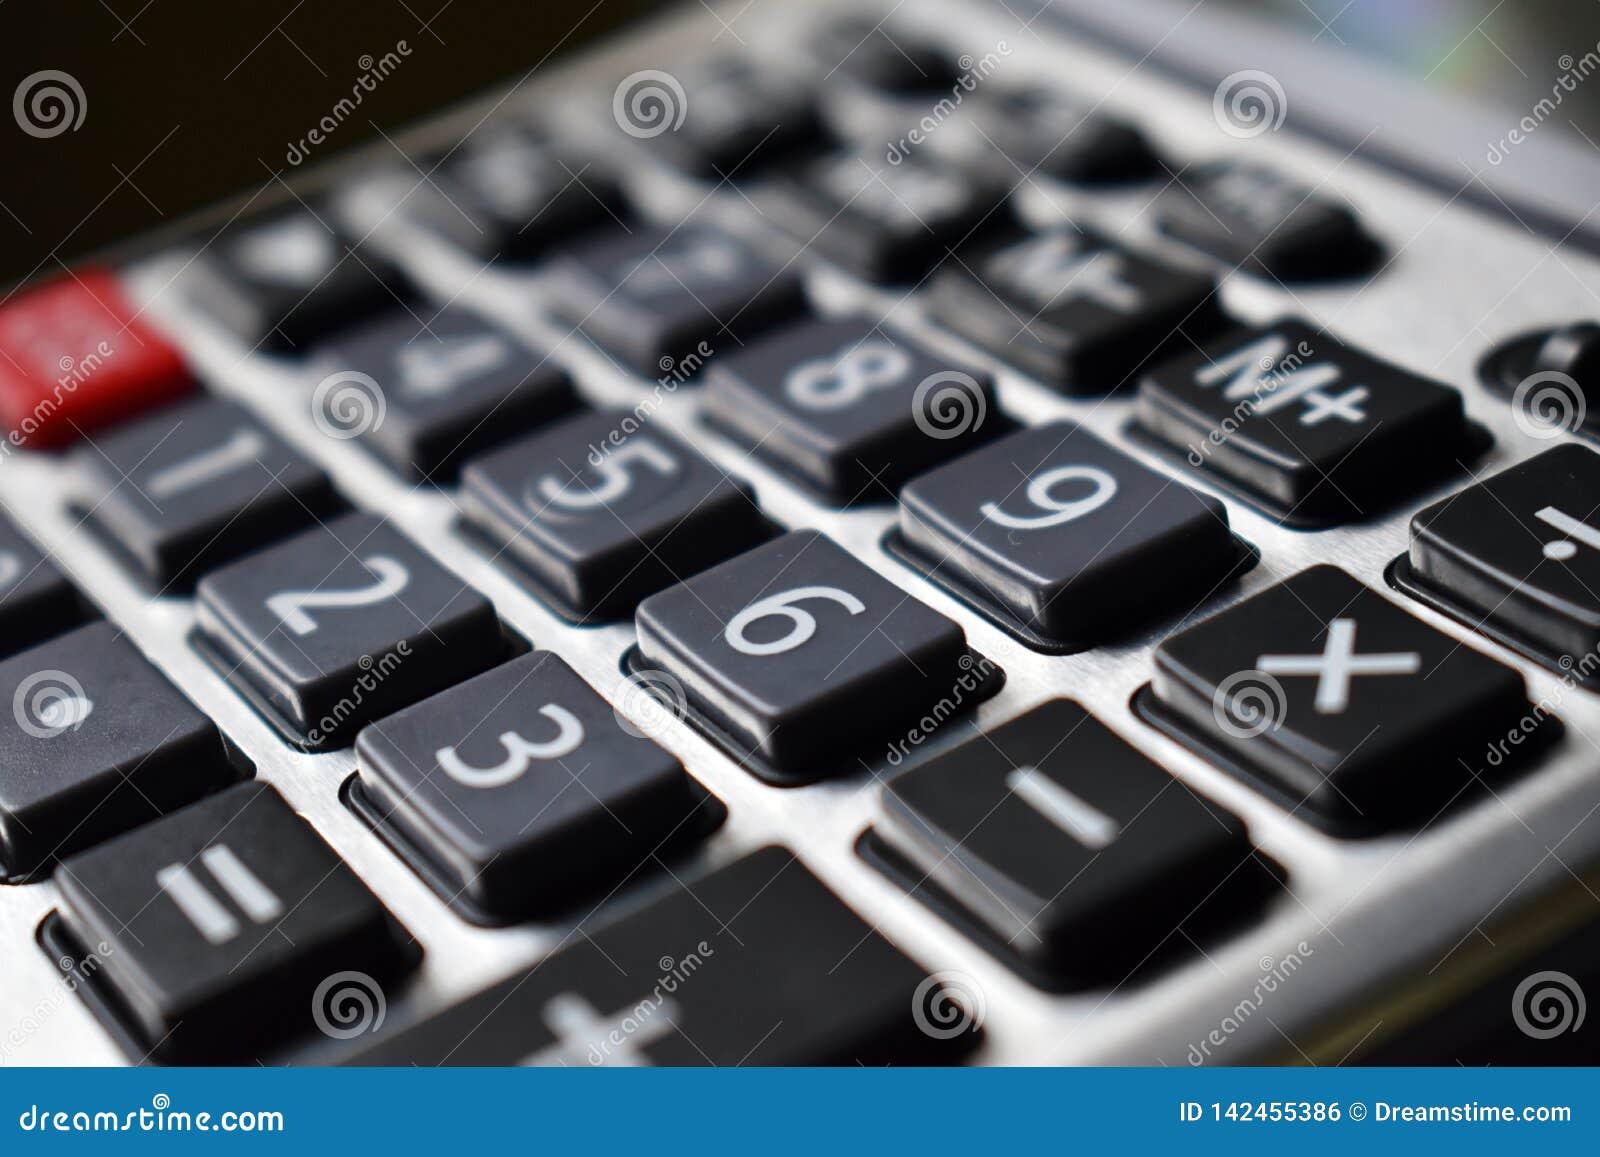 Clés de noir de calculatrice avec les nombres blancs et un bouton rouge